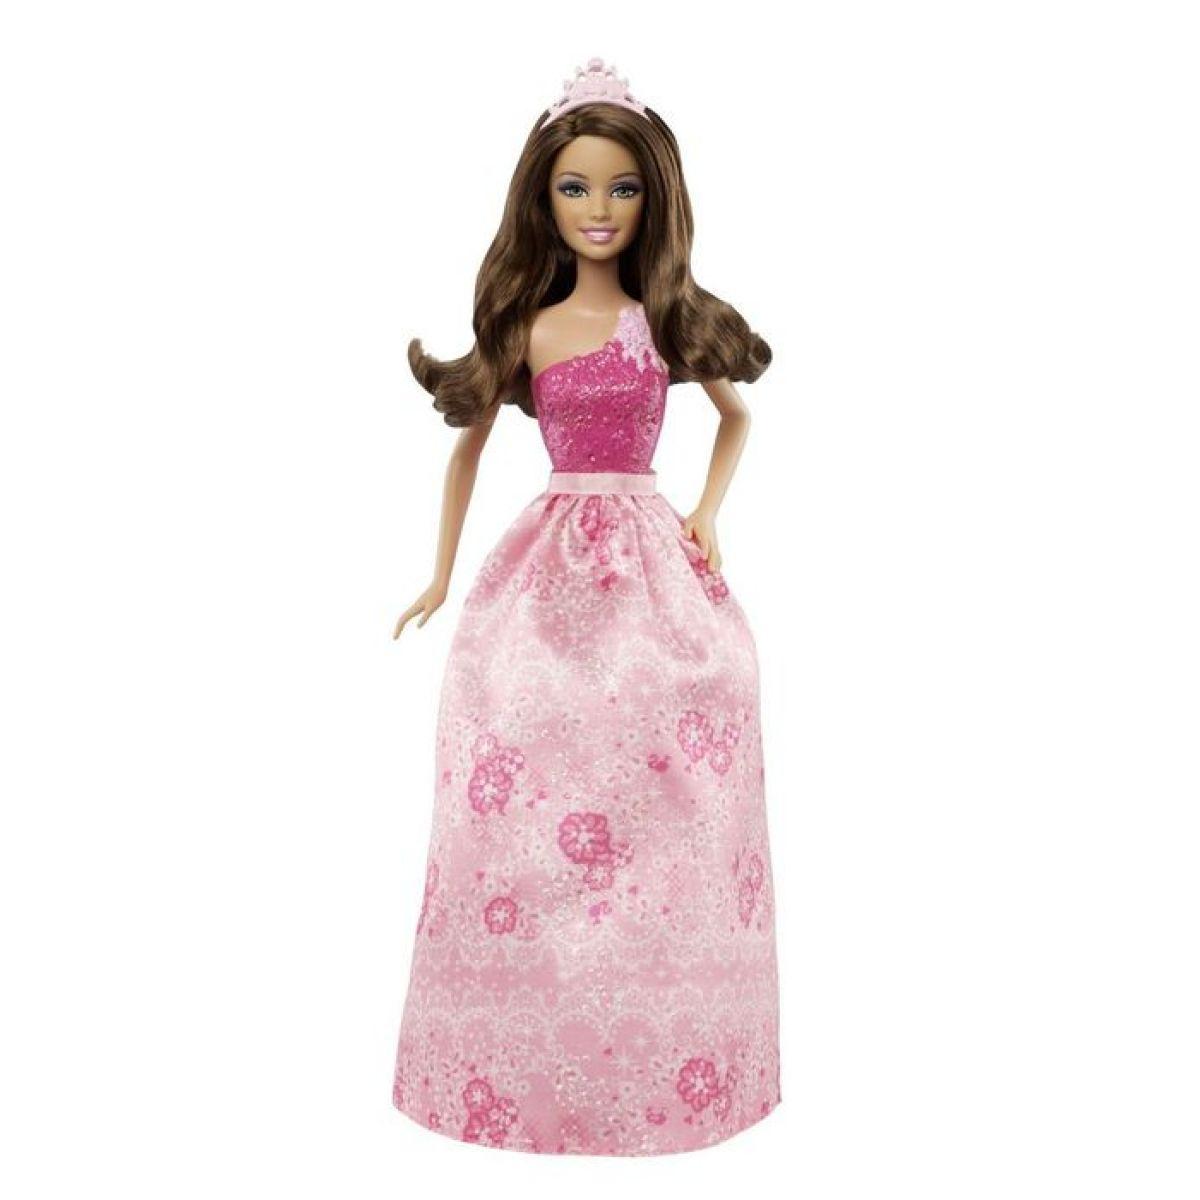 Barbie Třpytivá princezna měnitelné prvky - Brunetka